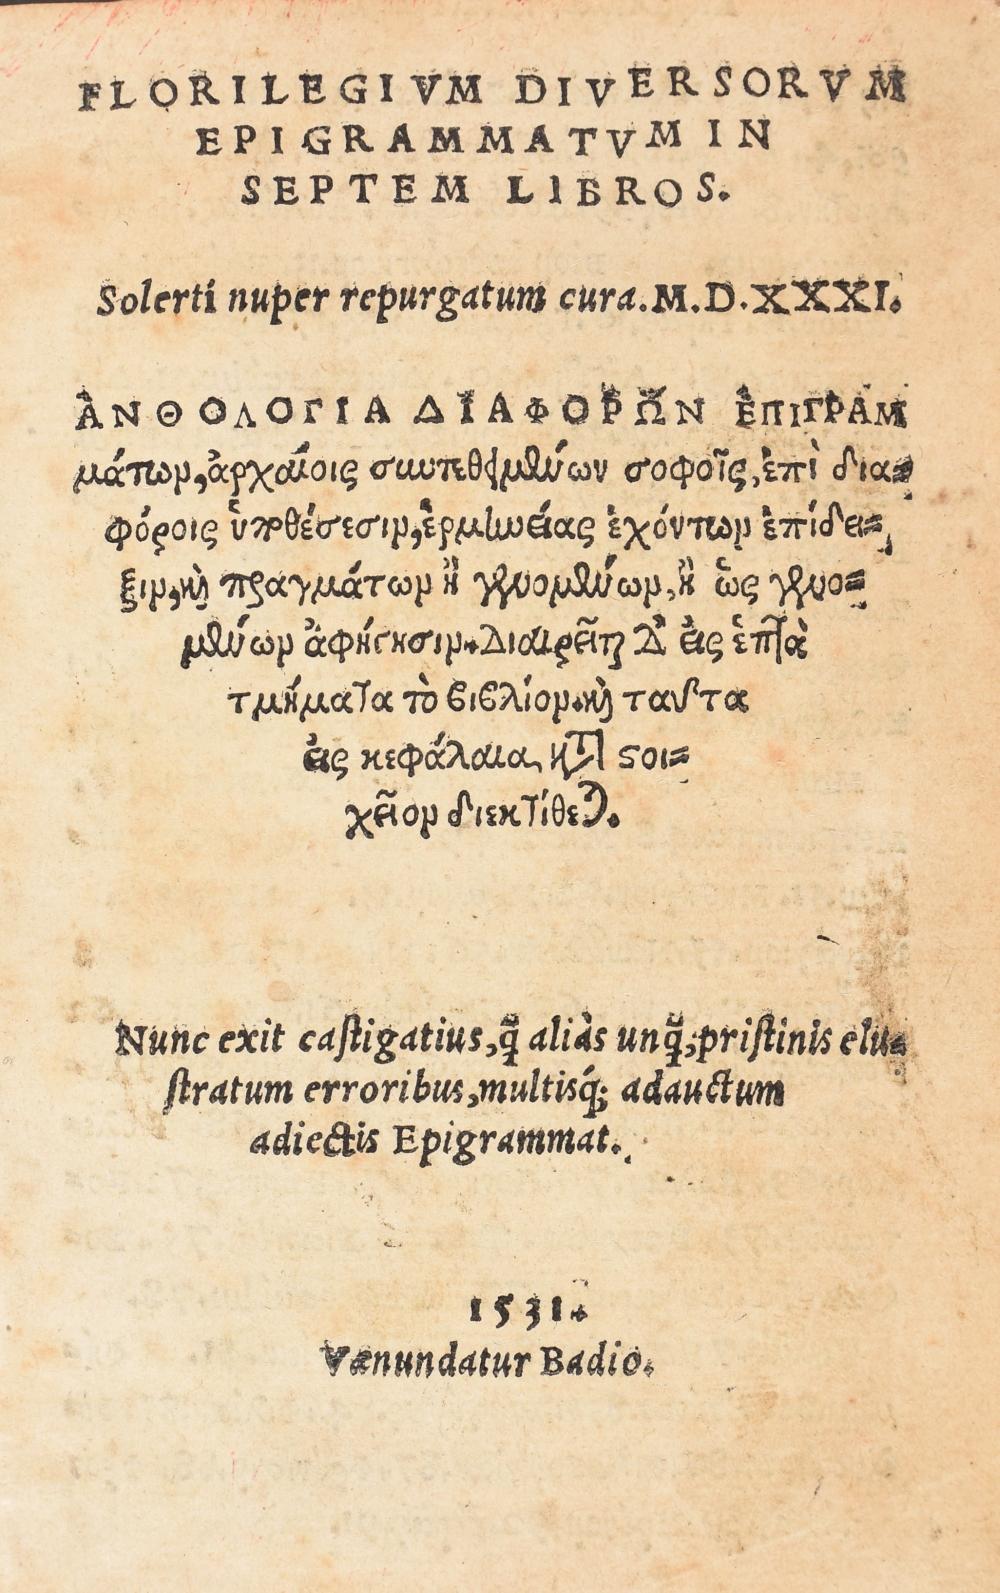 Florilegium diversorum epigrammatum in septem libros. Solerti nuper repurga